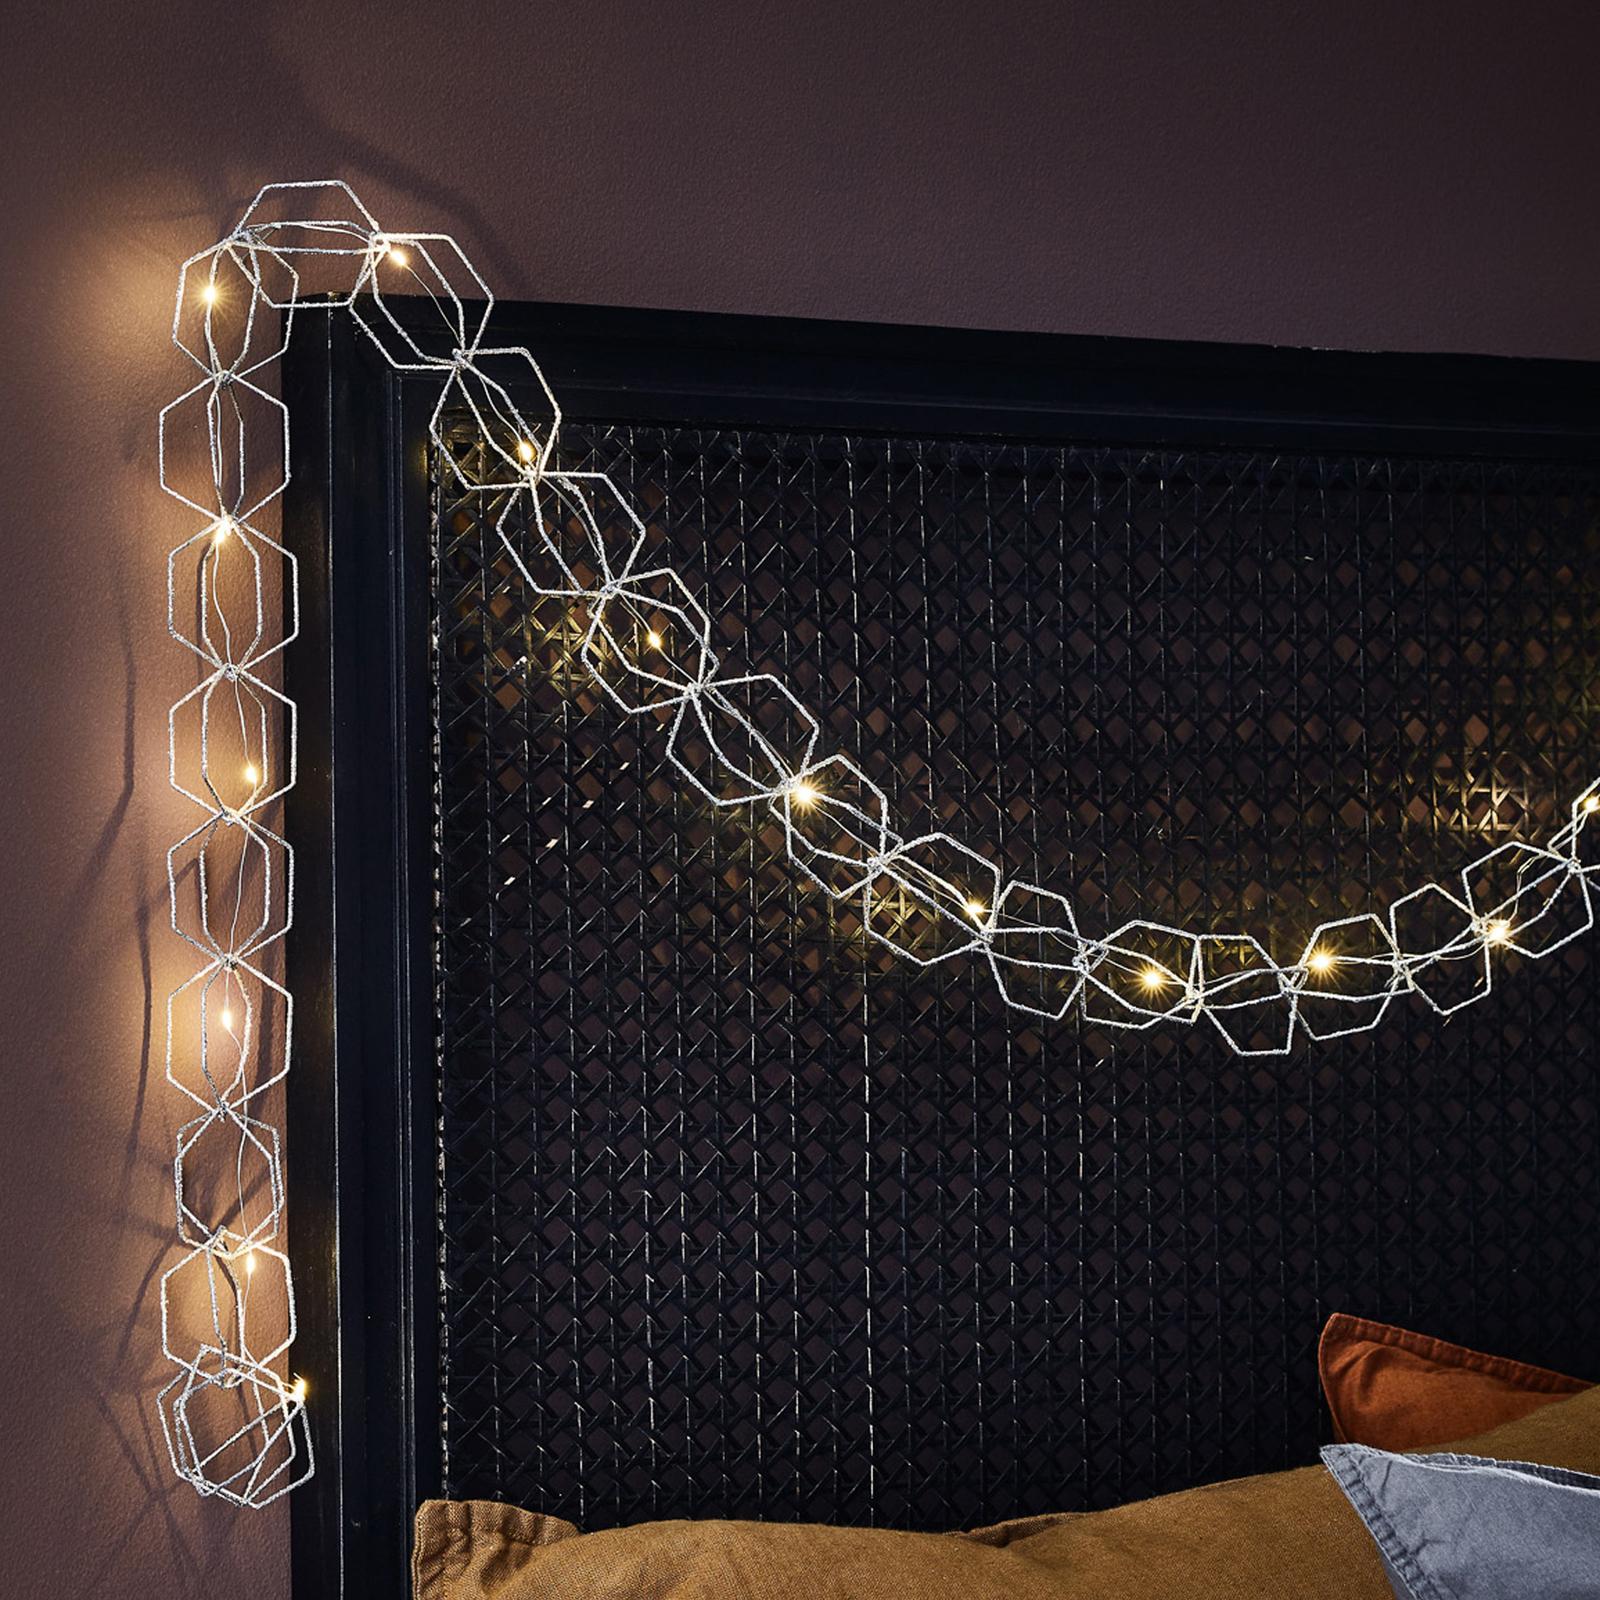 LED-lyslenke Serve, 20 lyskilder, sølv